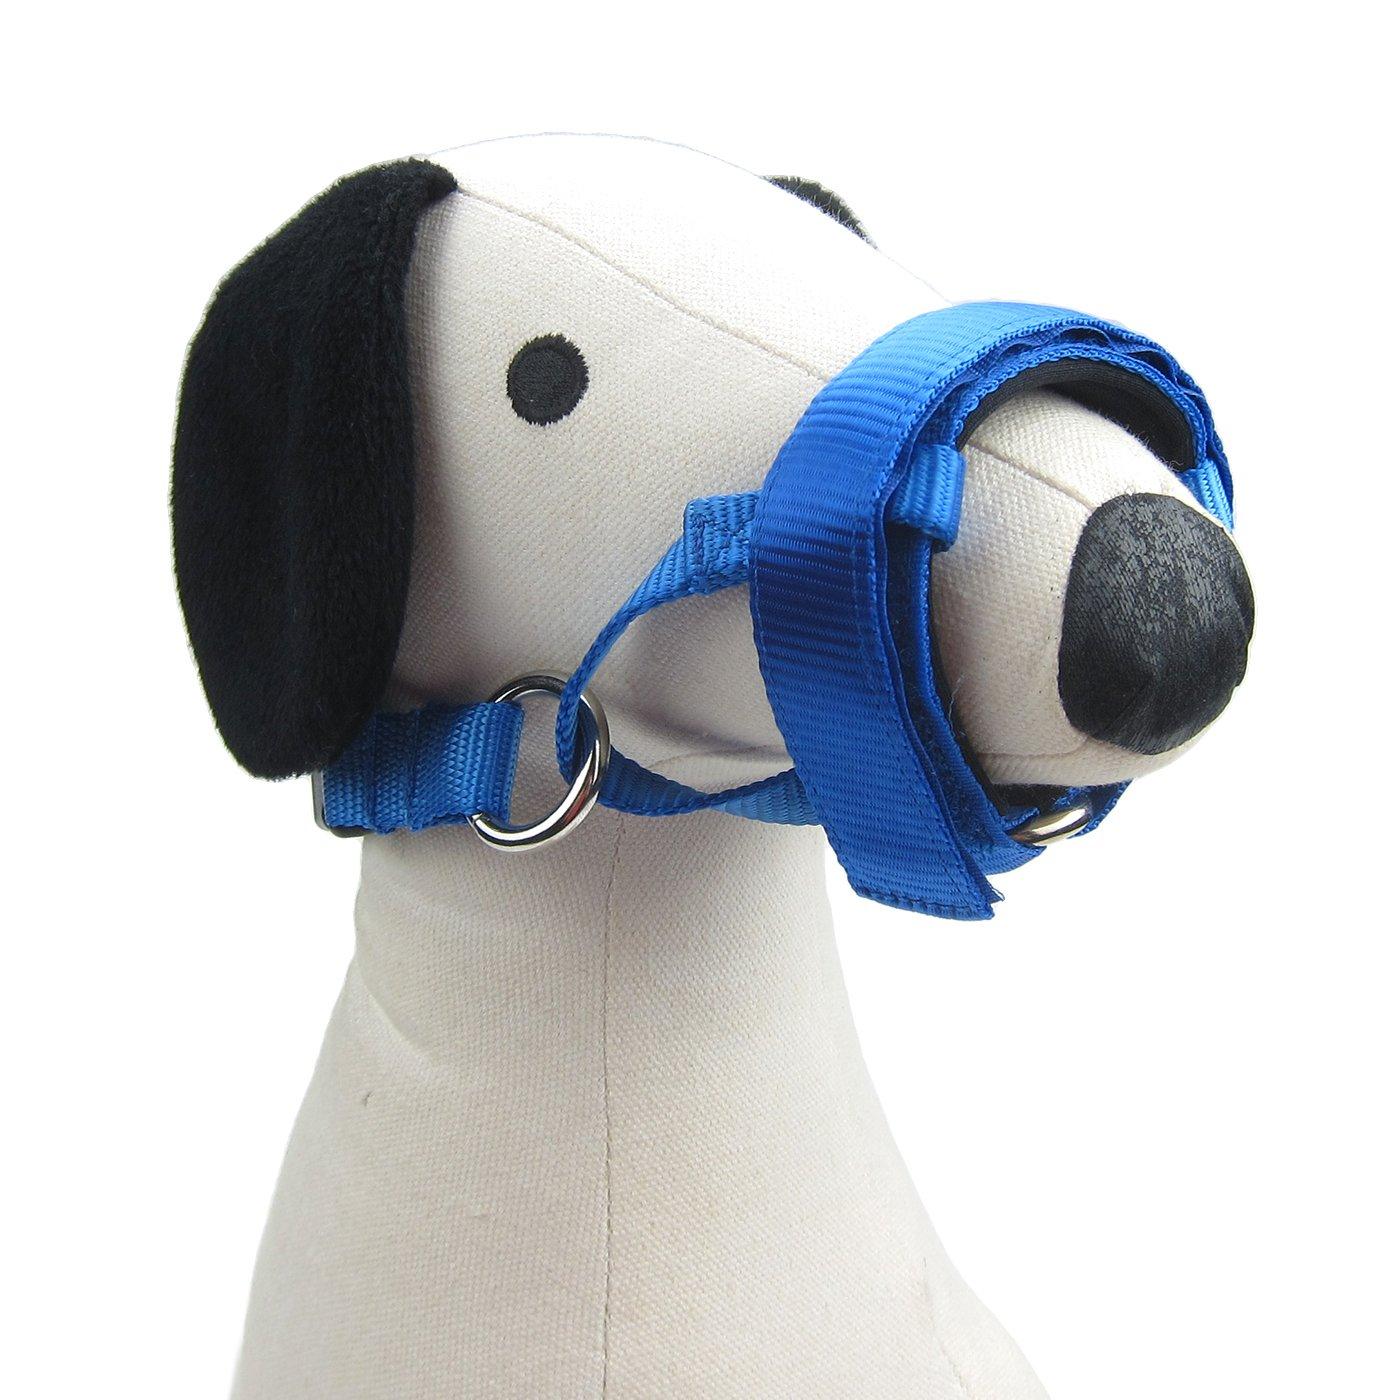 Alfie Pet by Petoga Couture - Oriel Adjustable Quick Fit Nylon Muzzle - Color: Blue, Size: XL